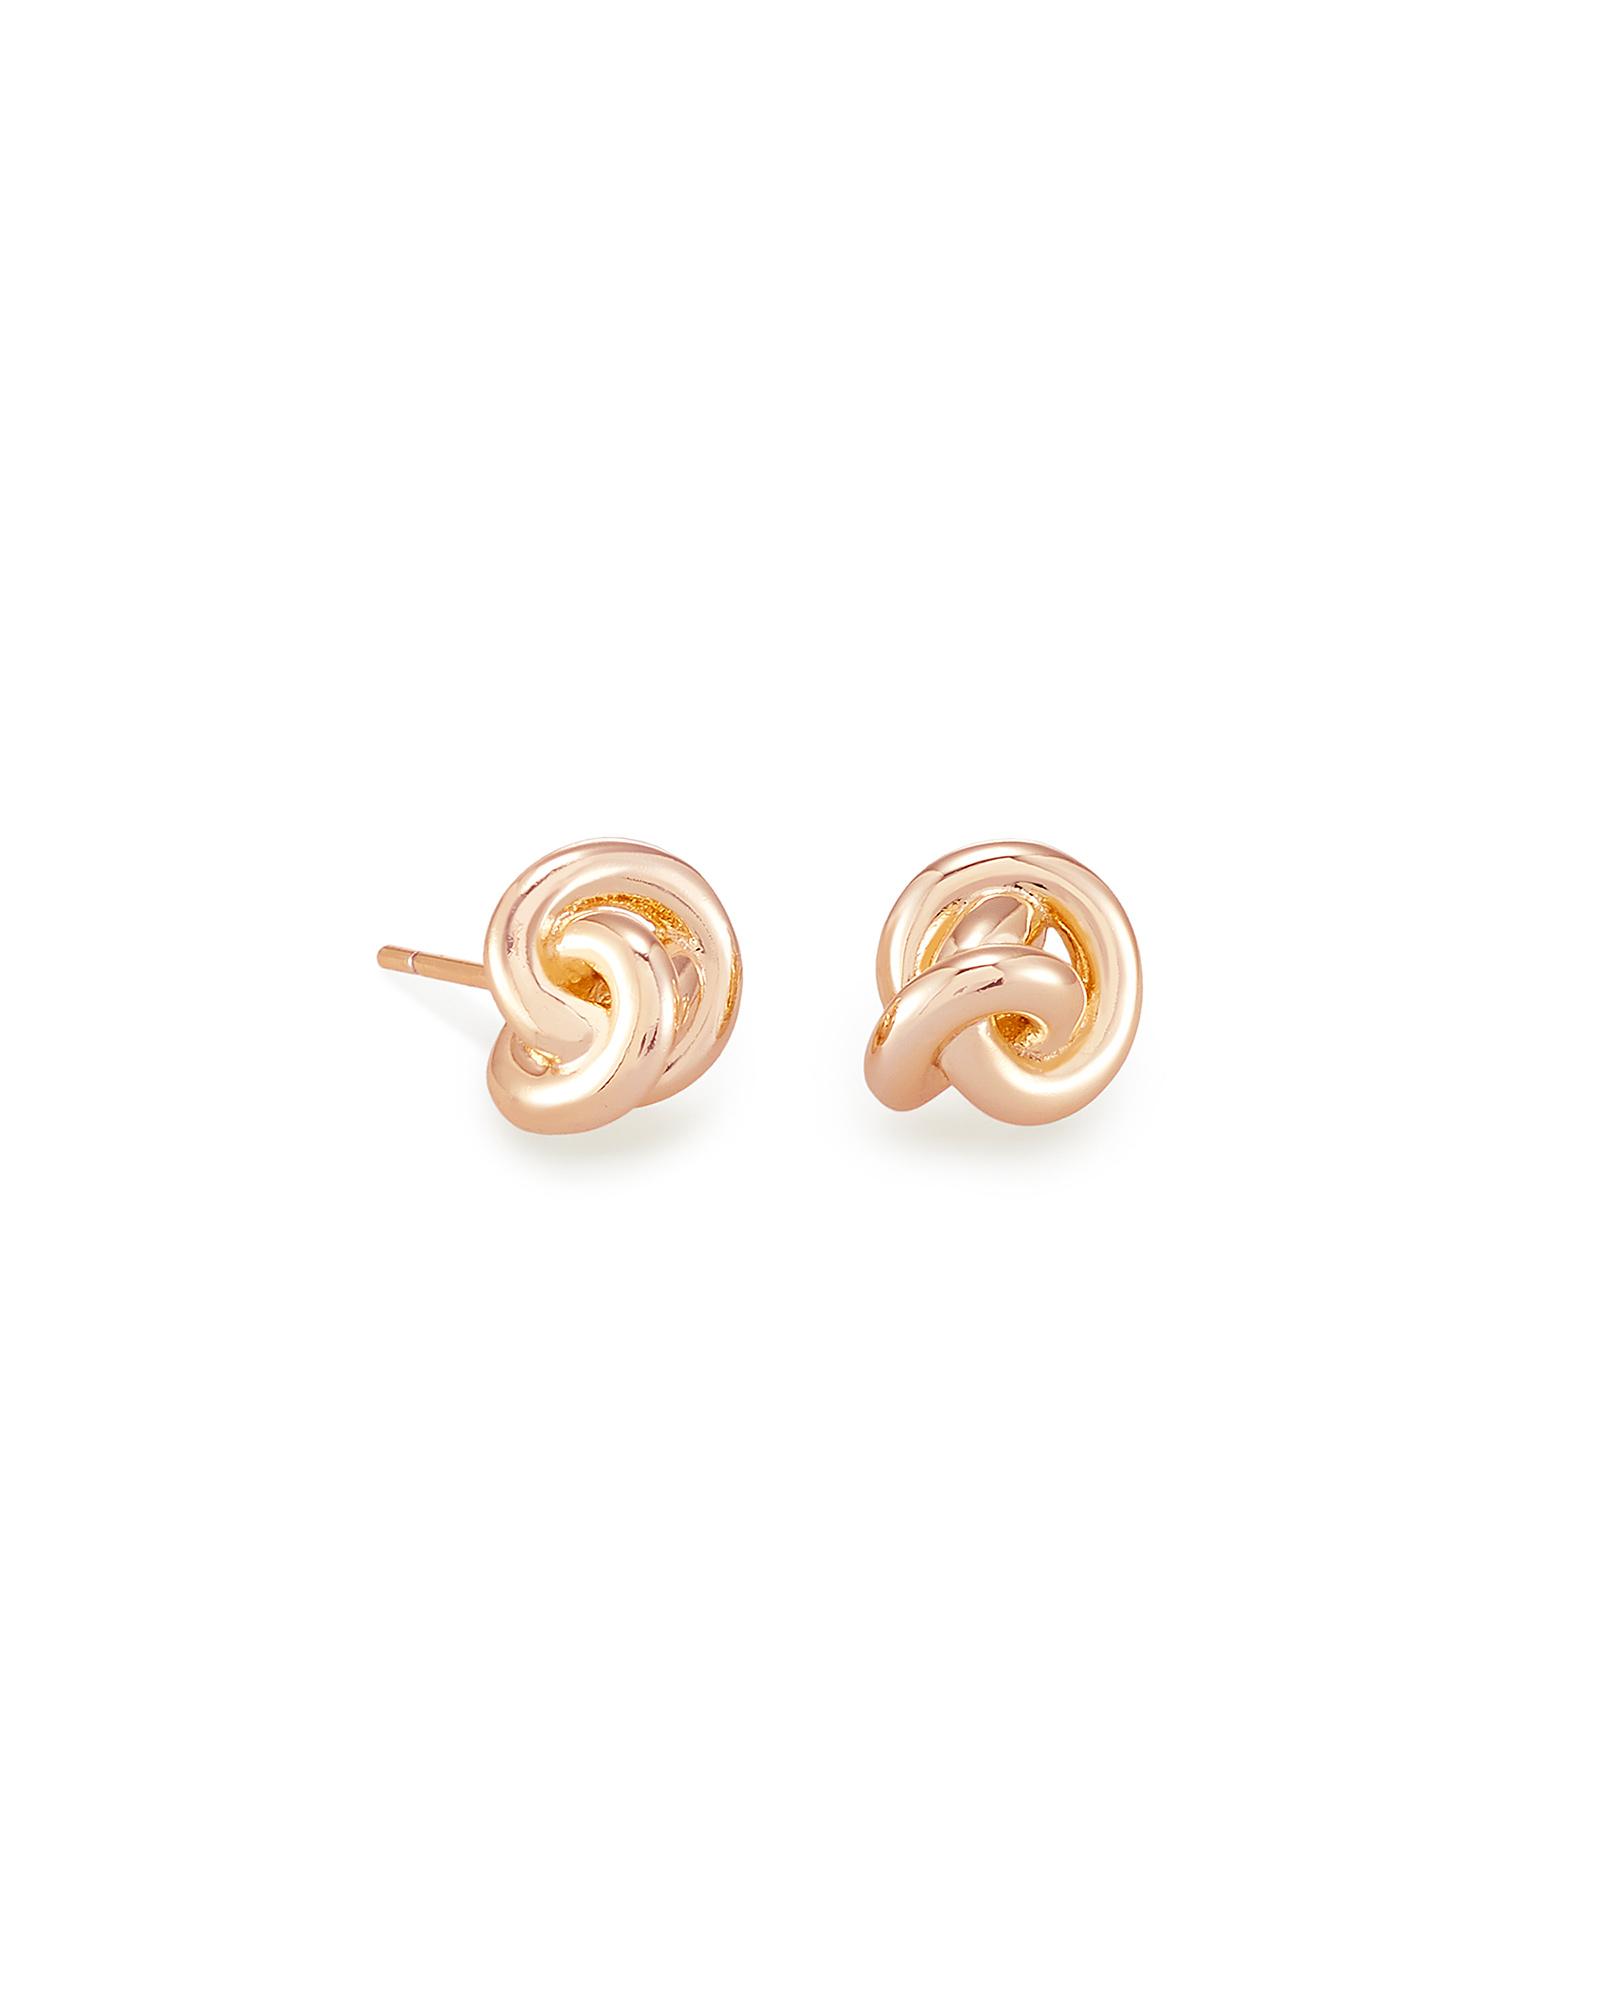 Cute Heart Earrings Women Wedding Party Charm Love Gold Plated Stud Earrinca